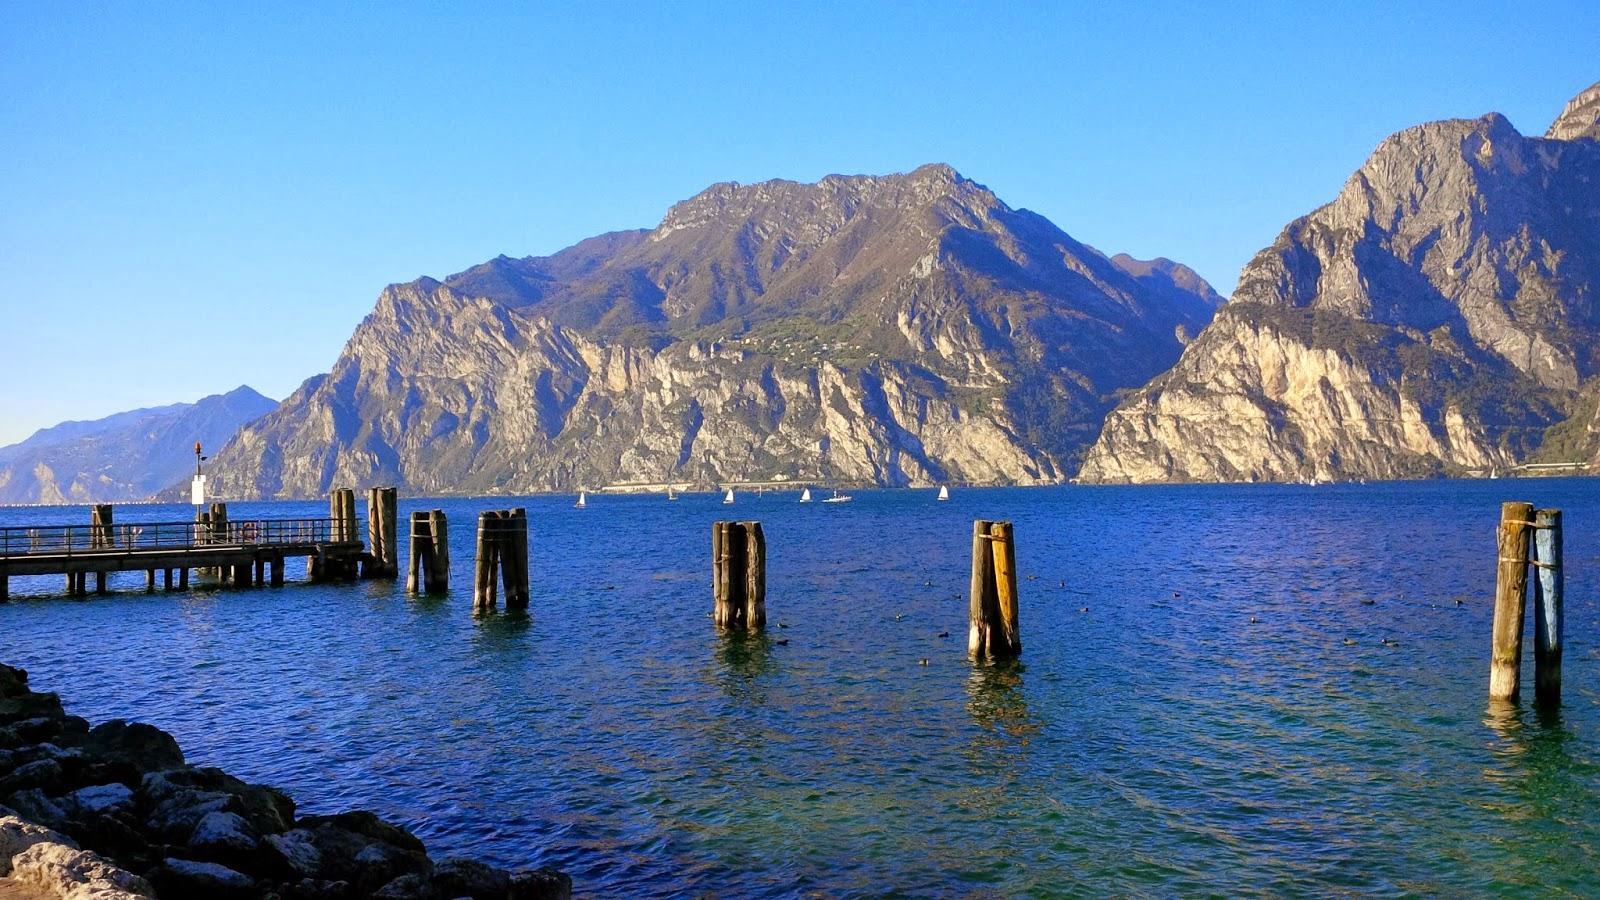 Lake Garda at Torbole